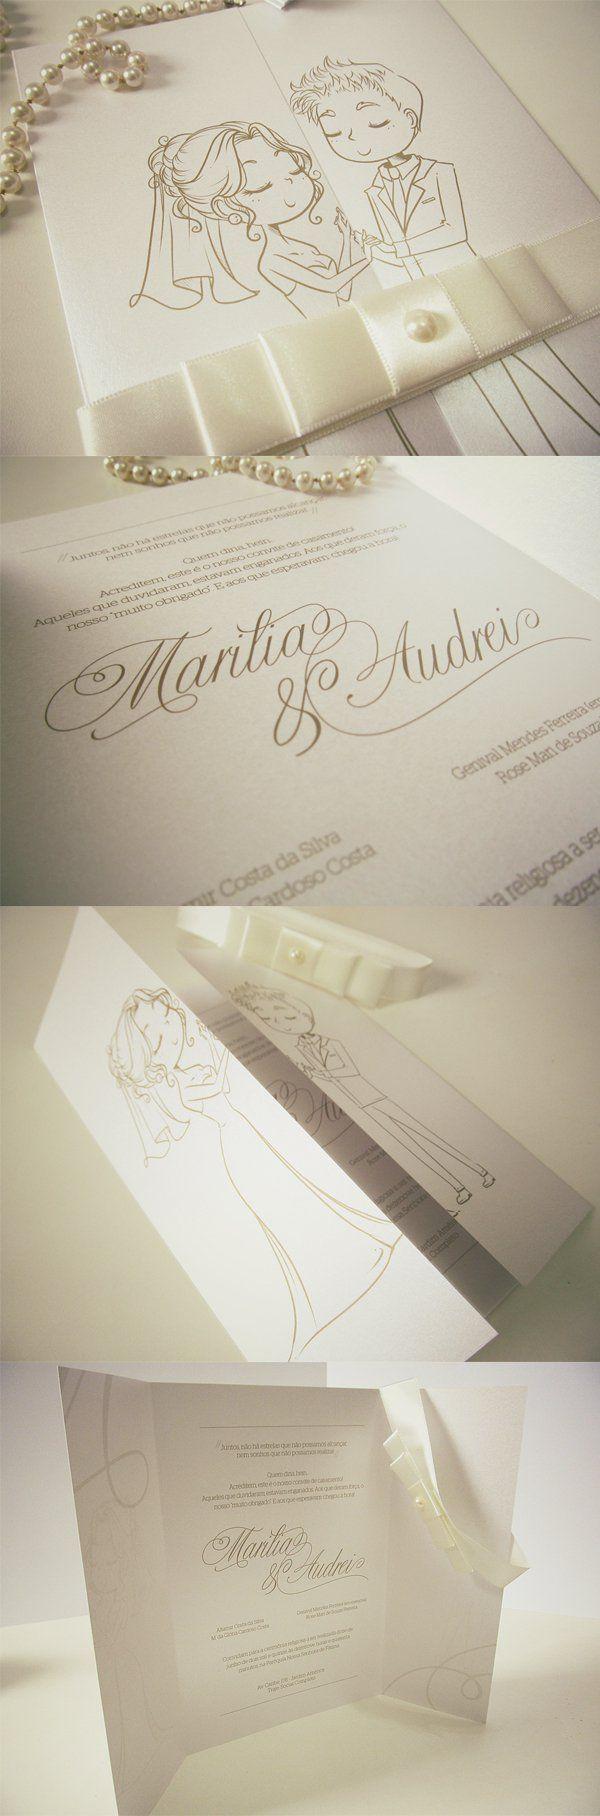 18 best Invitation images on Pinterest | Print invitations, Weddings ...